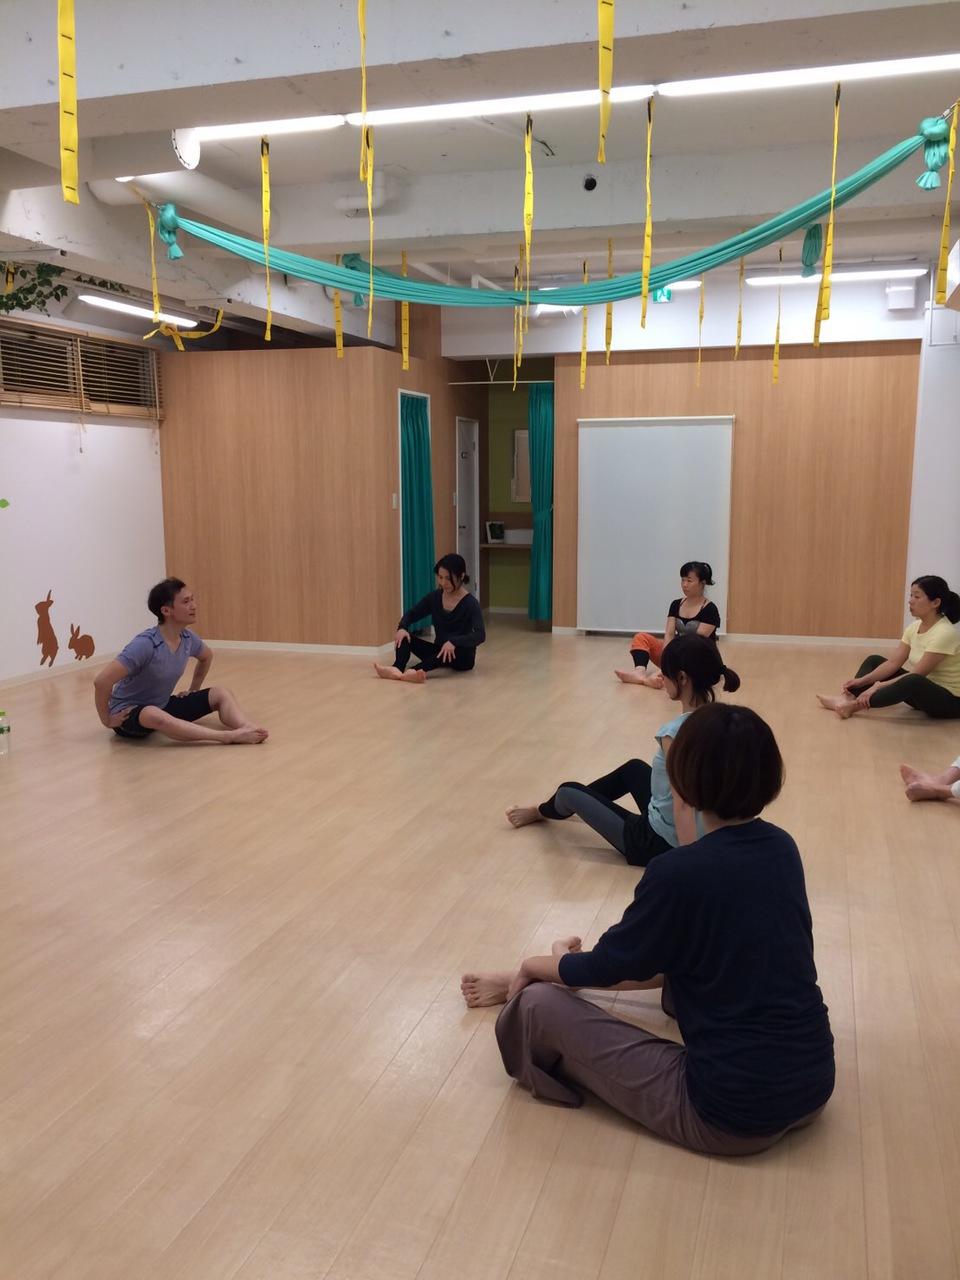 【ドロップインクラス受講のご案内】GYROKINESIS®プレトレーニングコース@名古屋守山